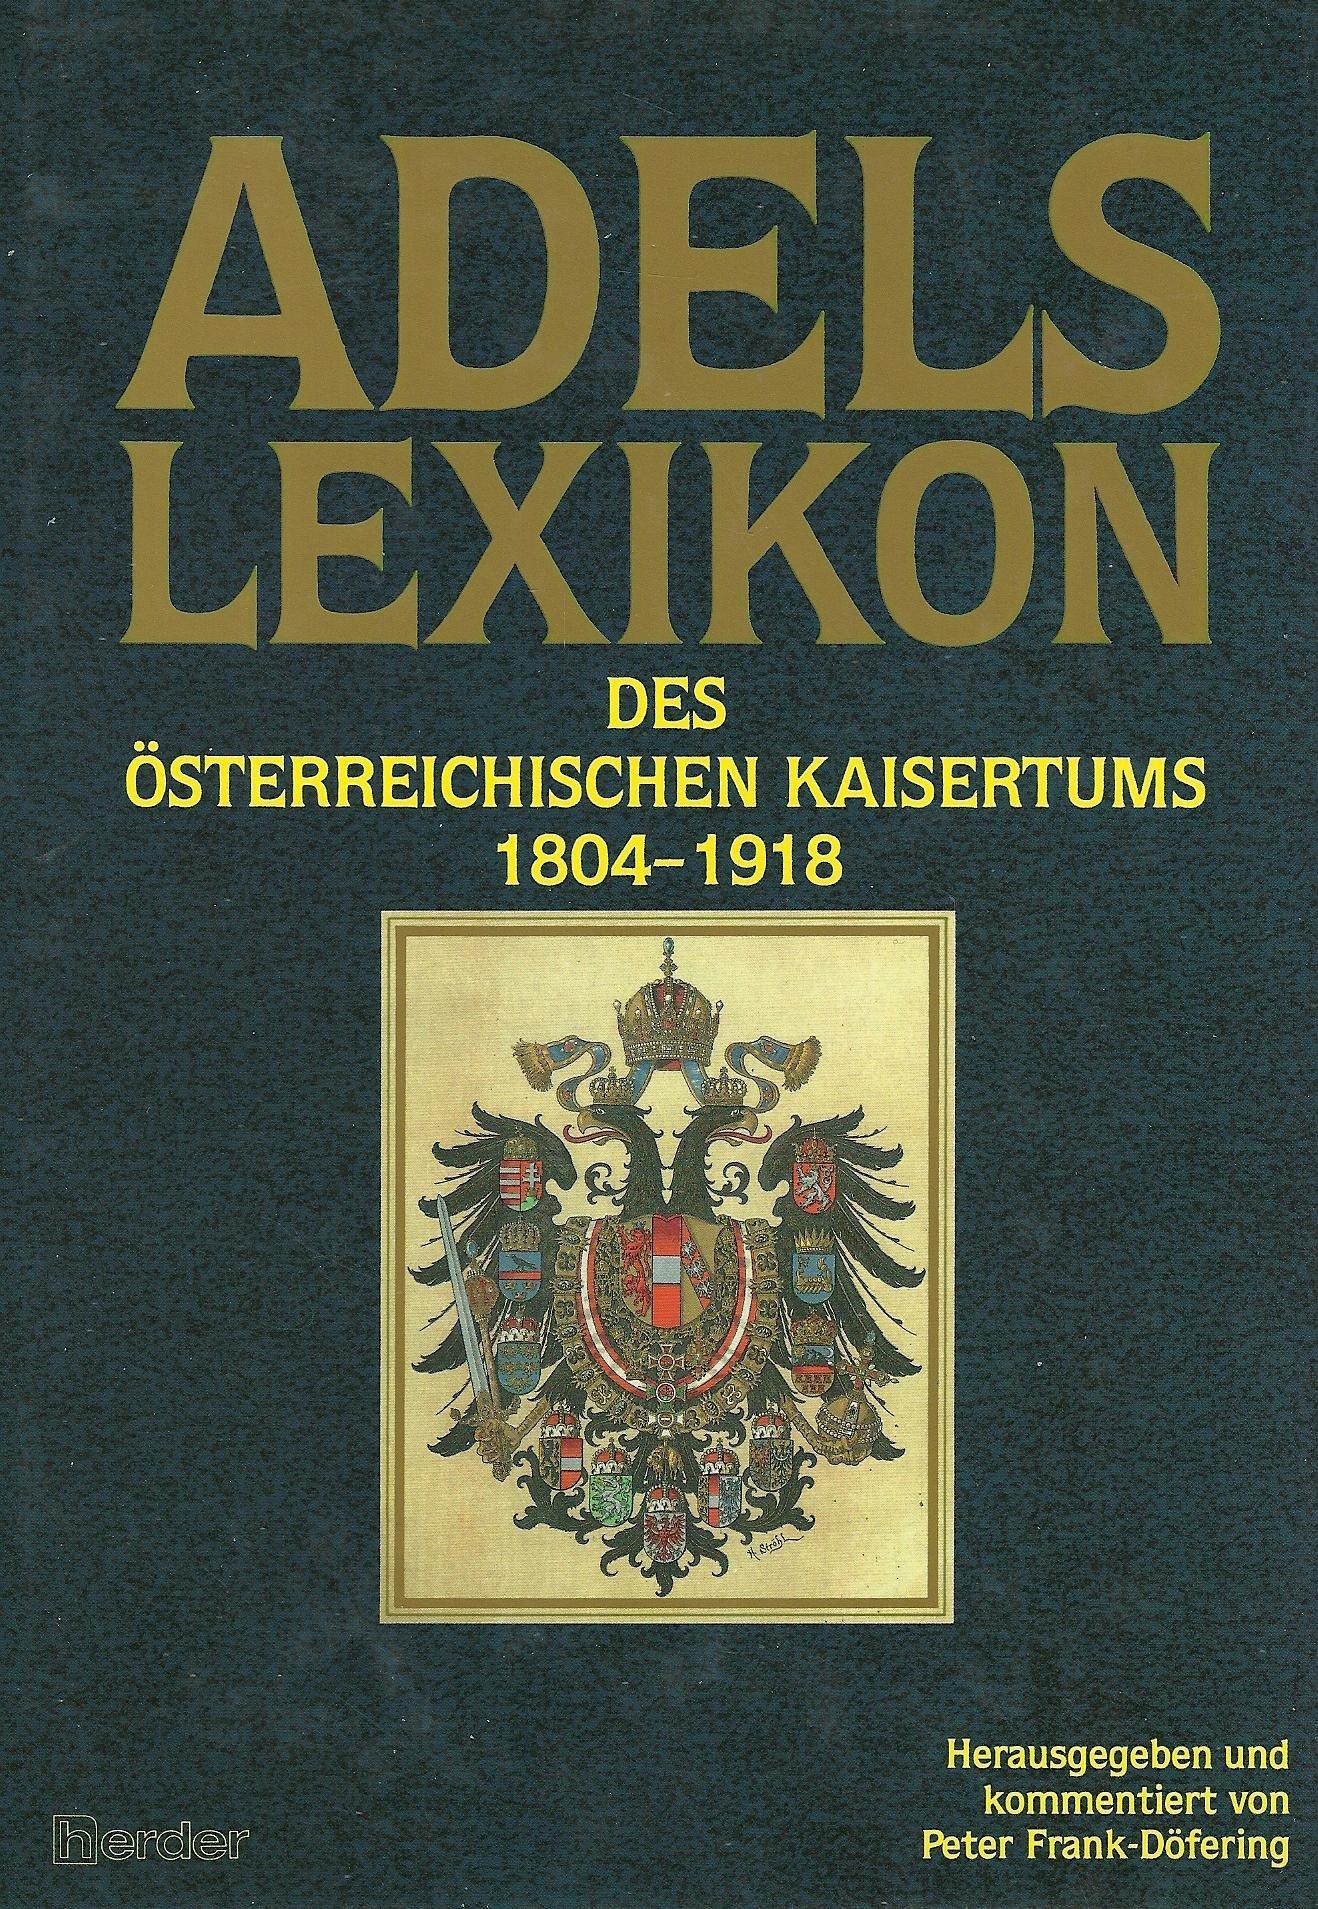 Adelslexikon des österreichischen Kaisertums 1804-1918